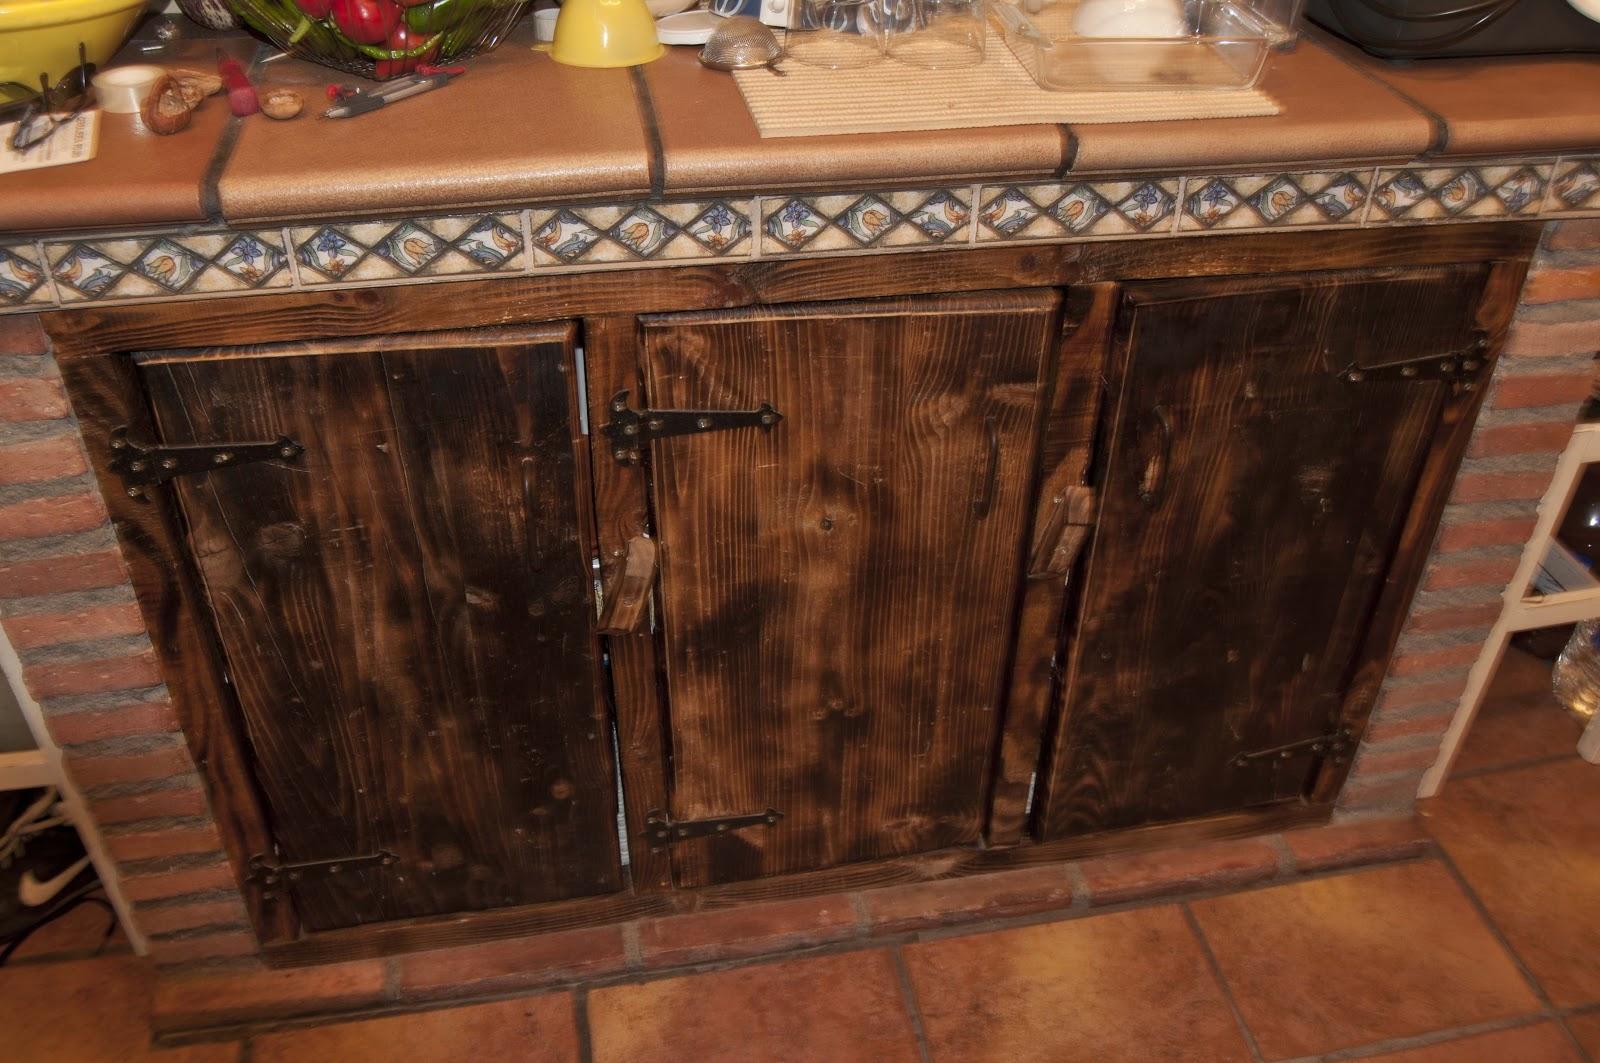 Artesania en madera y forja cocina rustica - Puertas de cocina rusticas ...